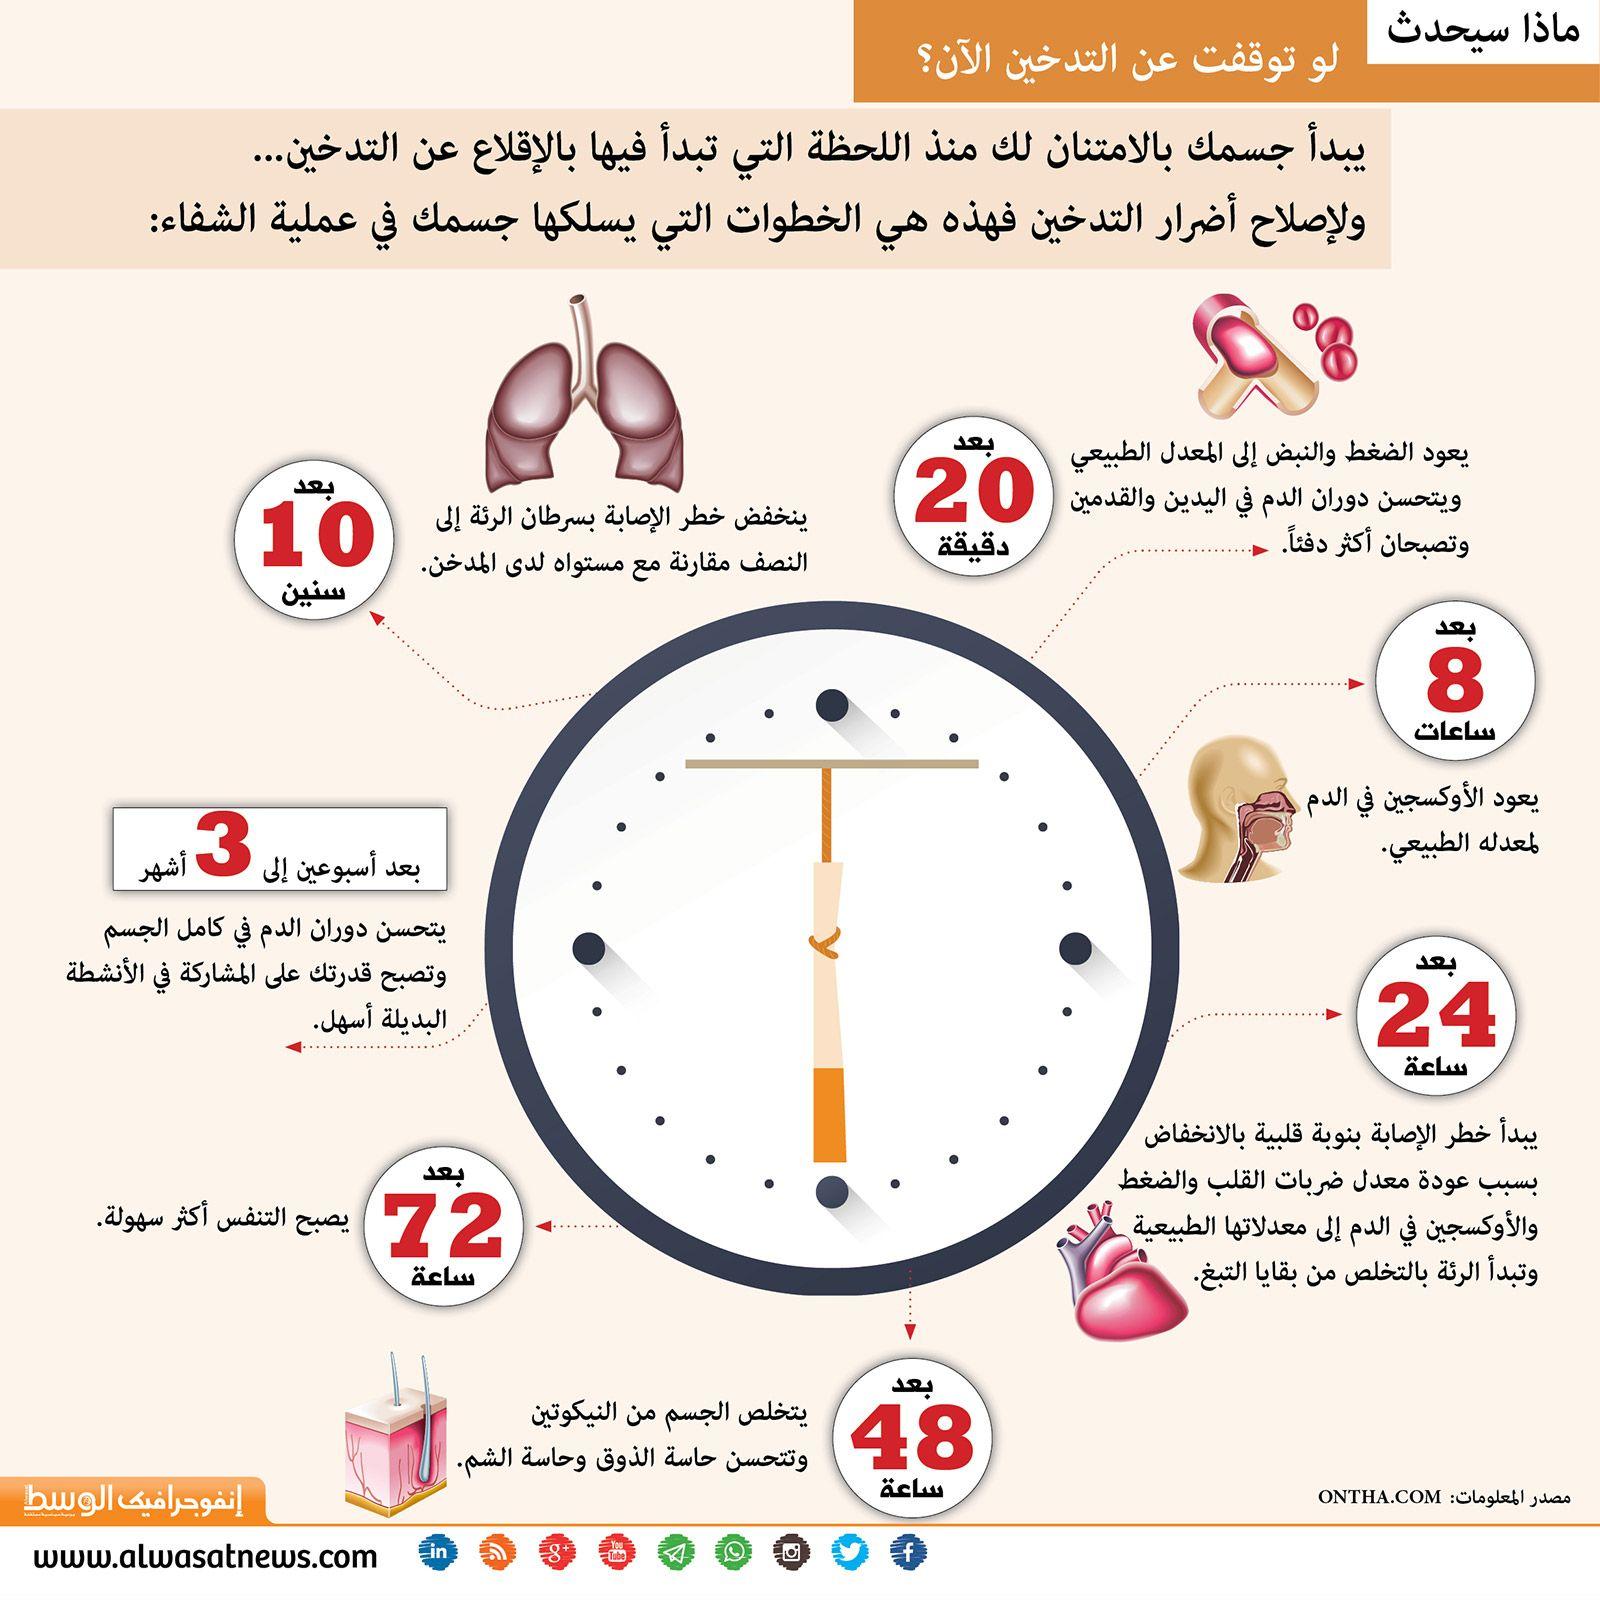 انفوجرافيك الوسط ماذا سيحدث لو توقفت عن التدخين الآن Health Health Advice Health Diet